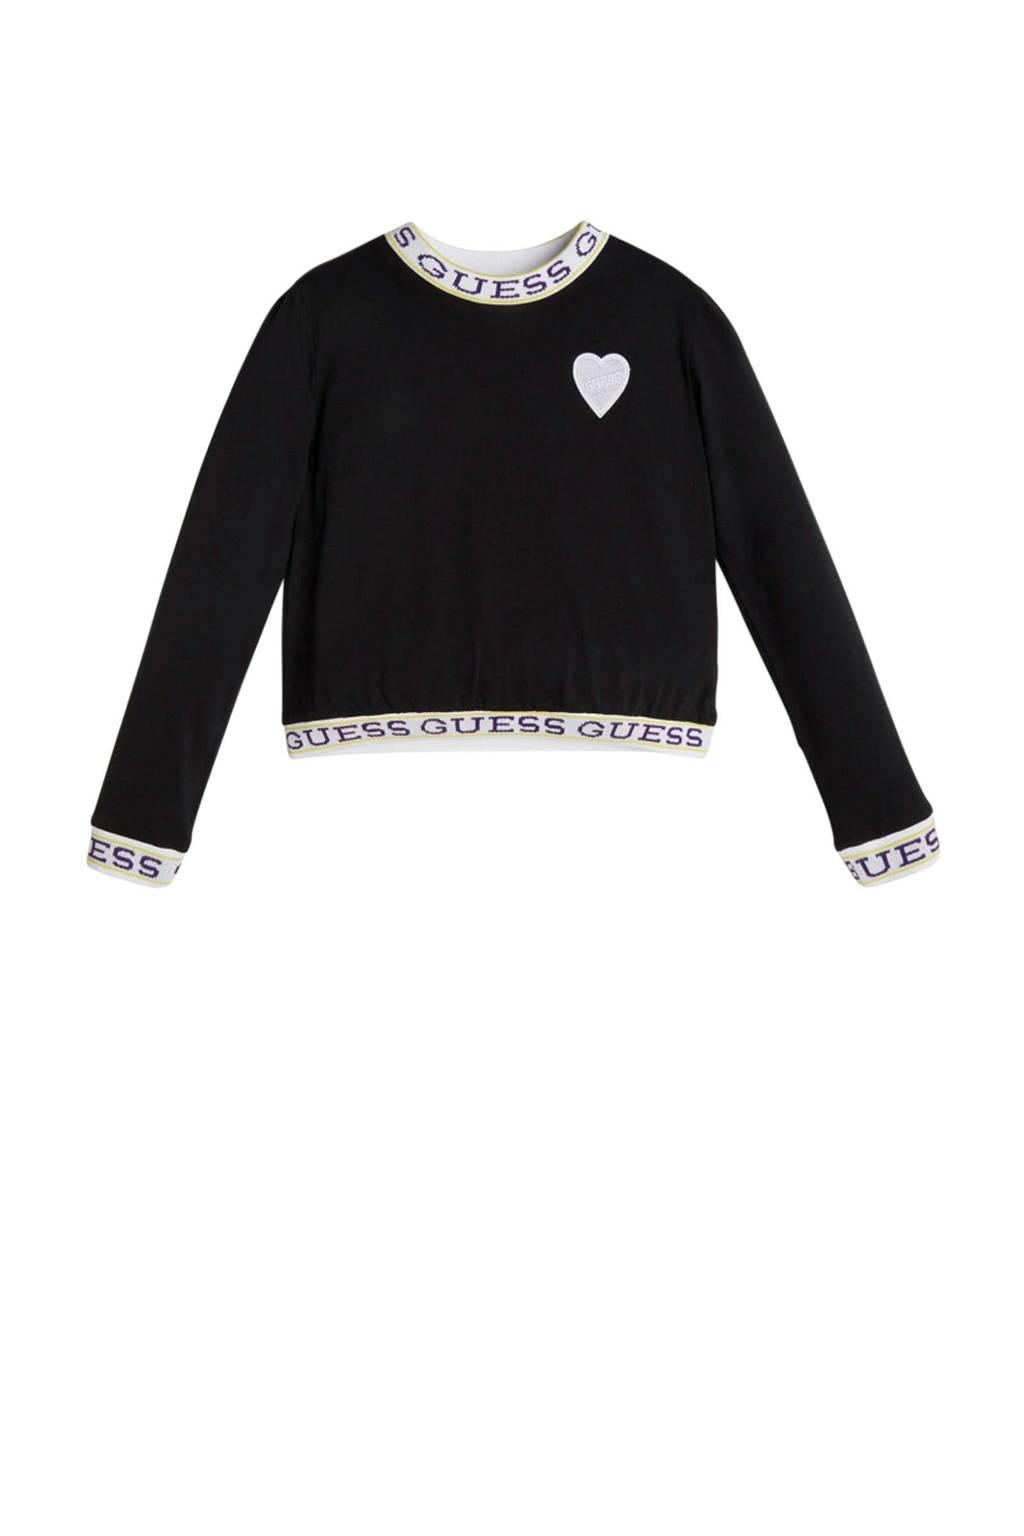 GUESS top LS T-shirt met logo zwart, Zwart